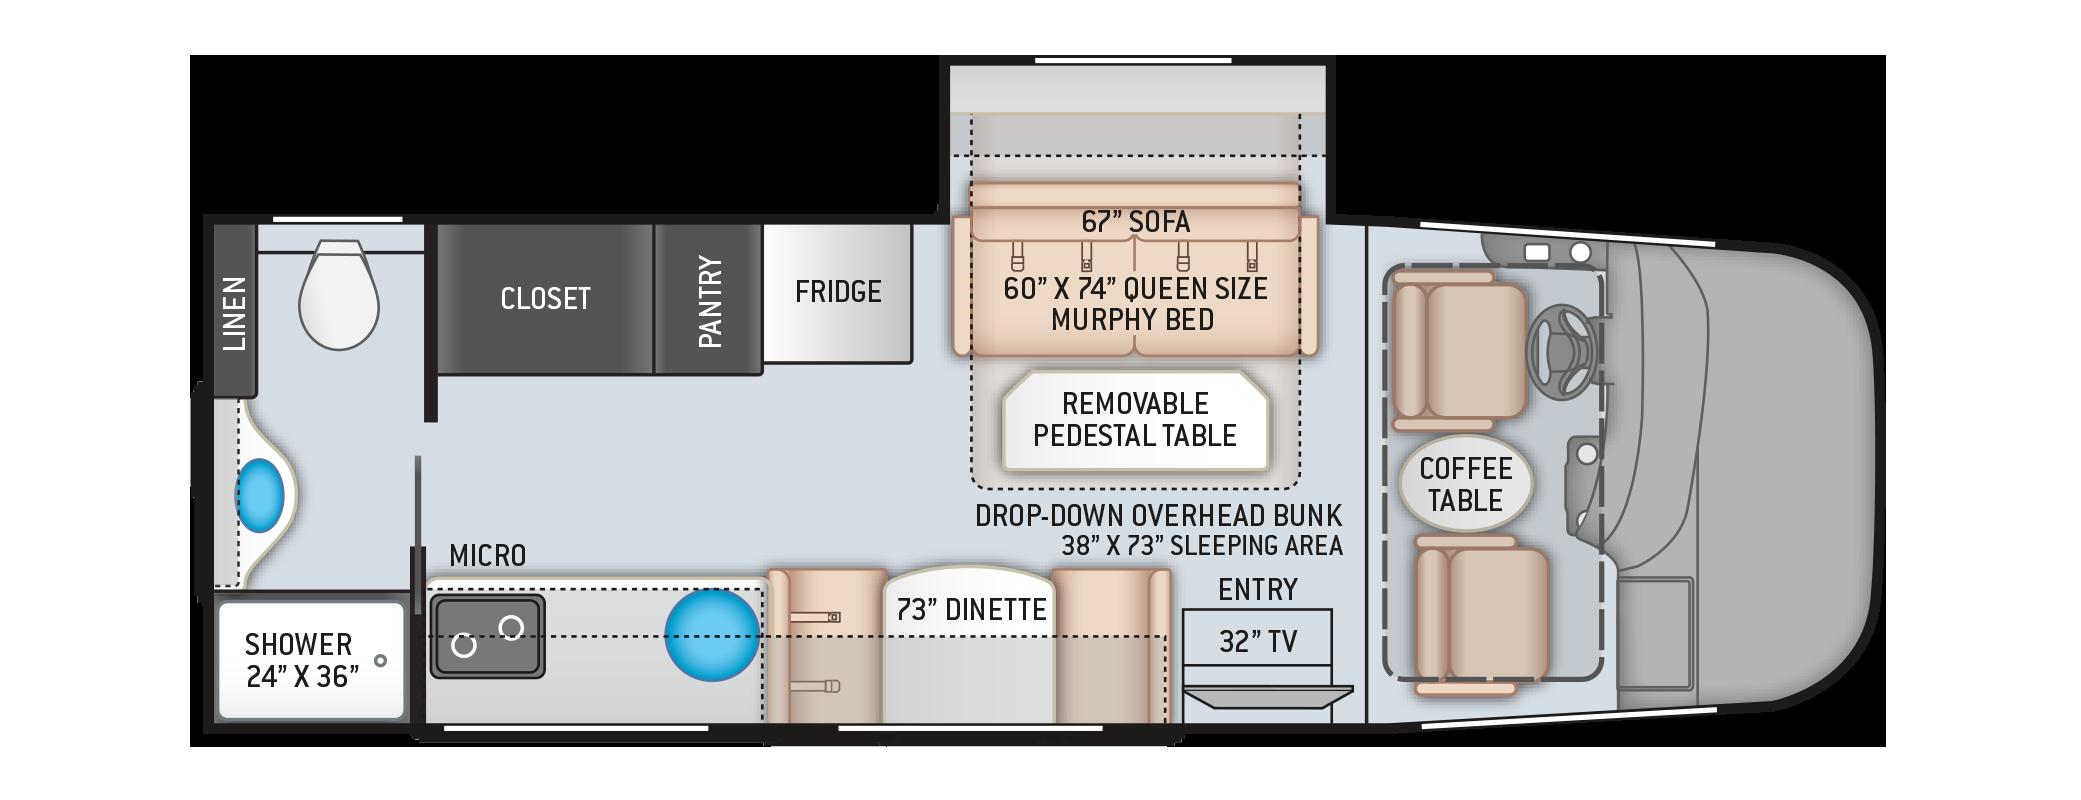 Vegas RUV Class A Motorhome 24.3 Floor Plan